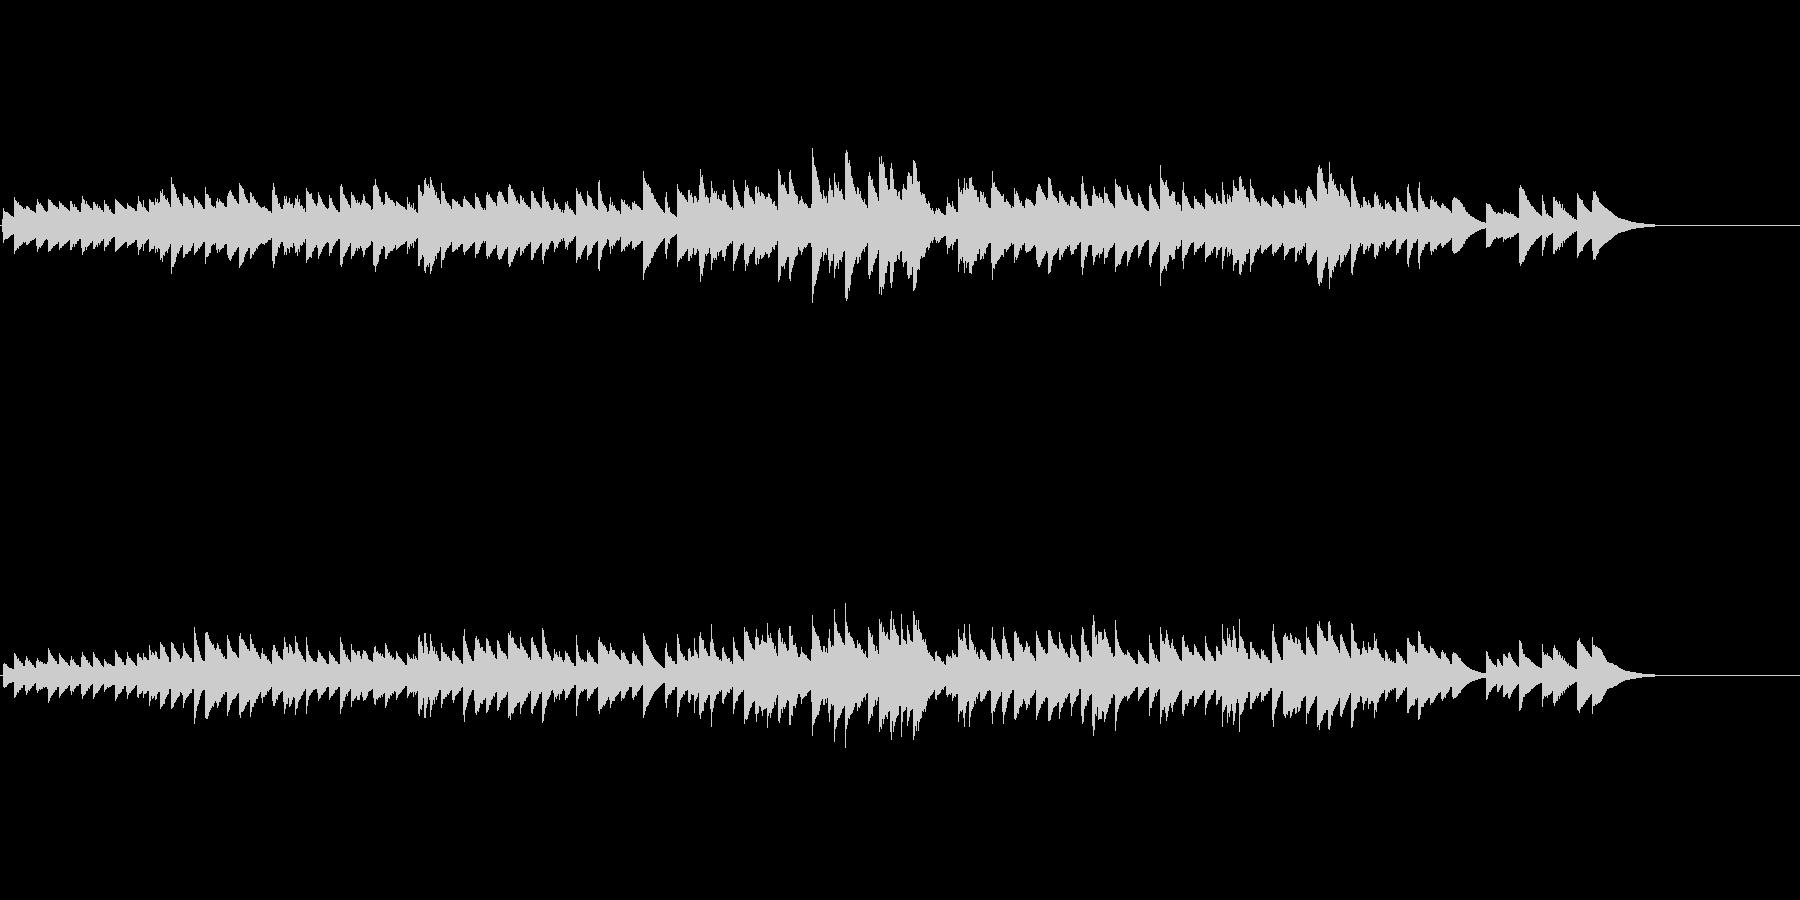 不思議なバレリーナのオルゴールワルツ曲の未再生の波形